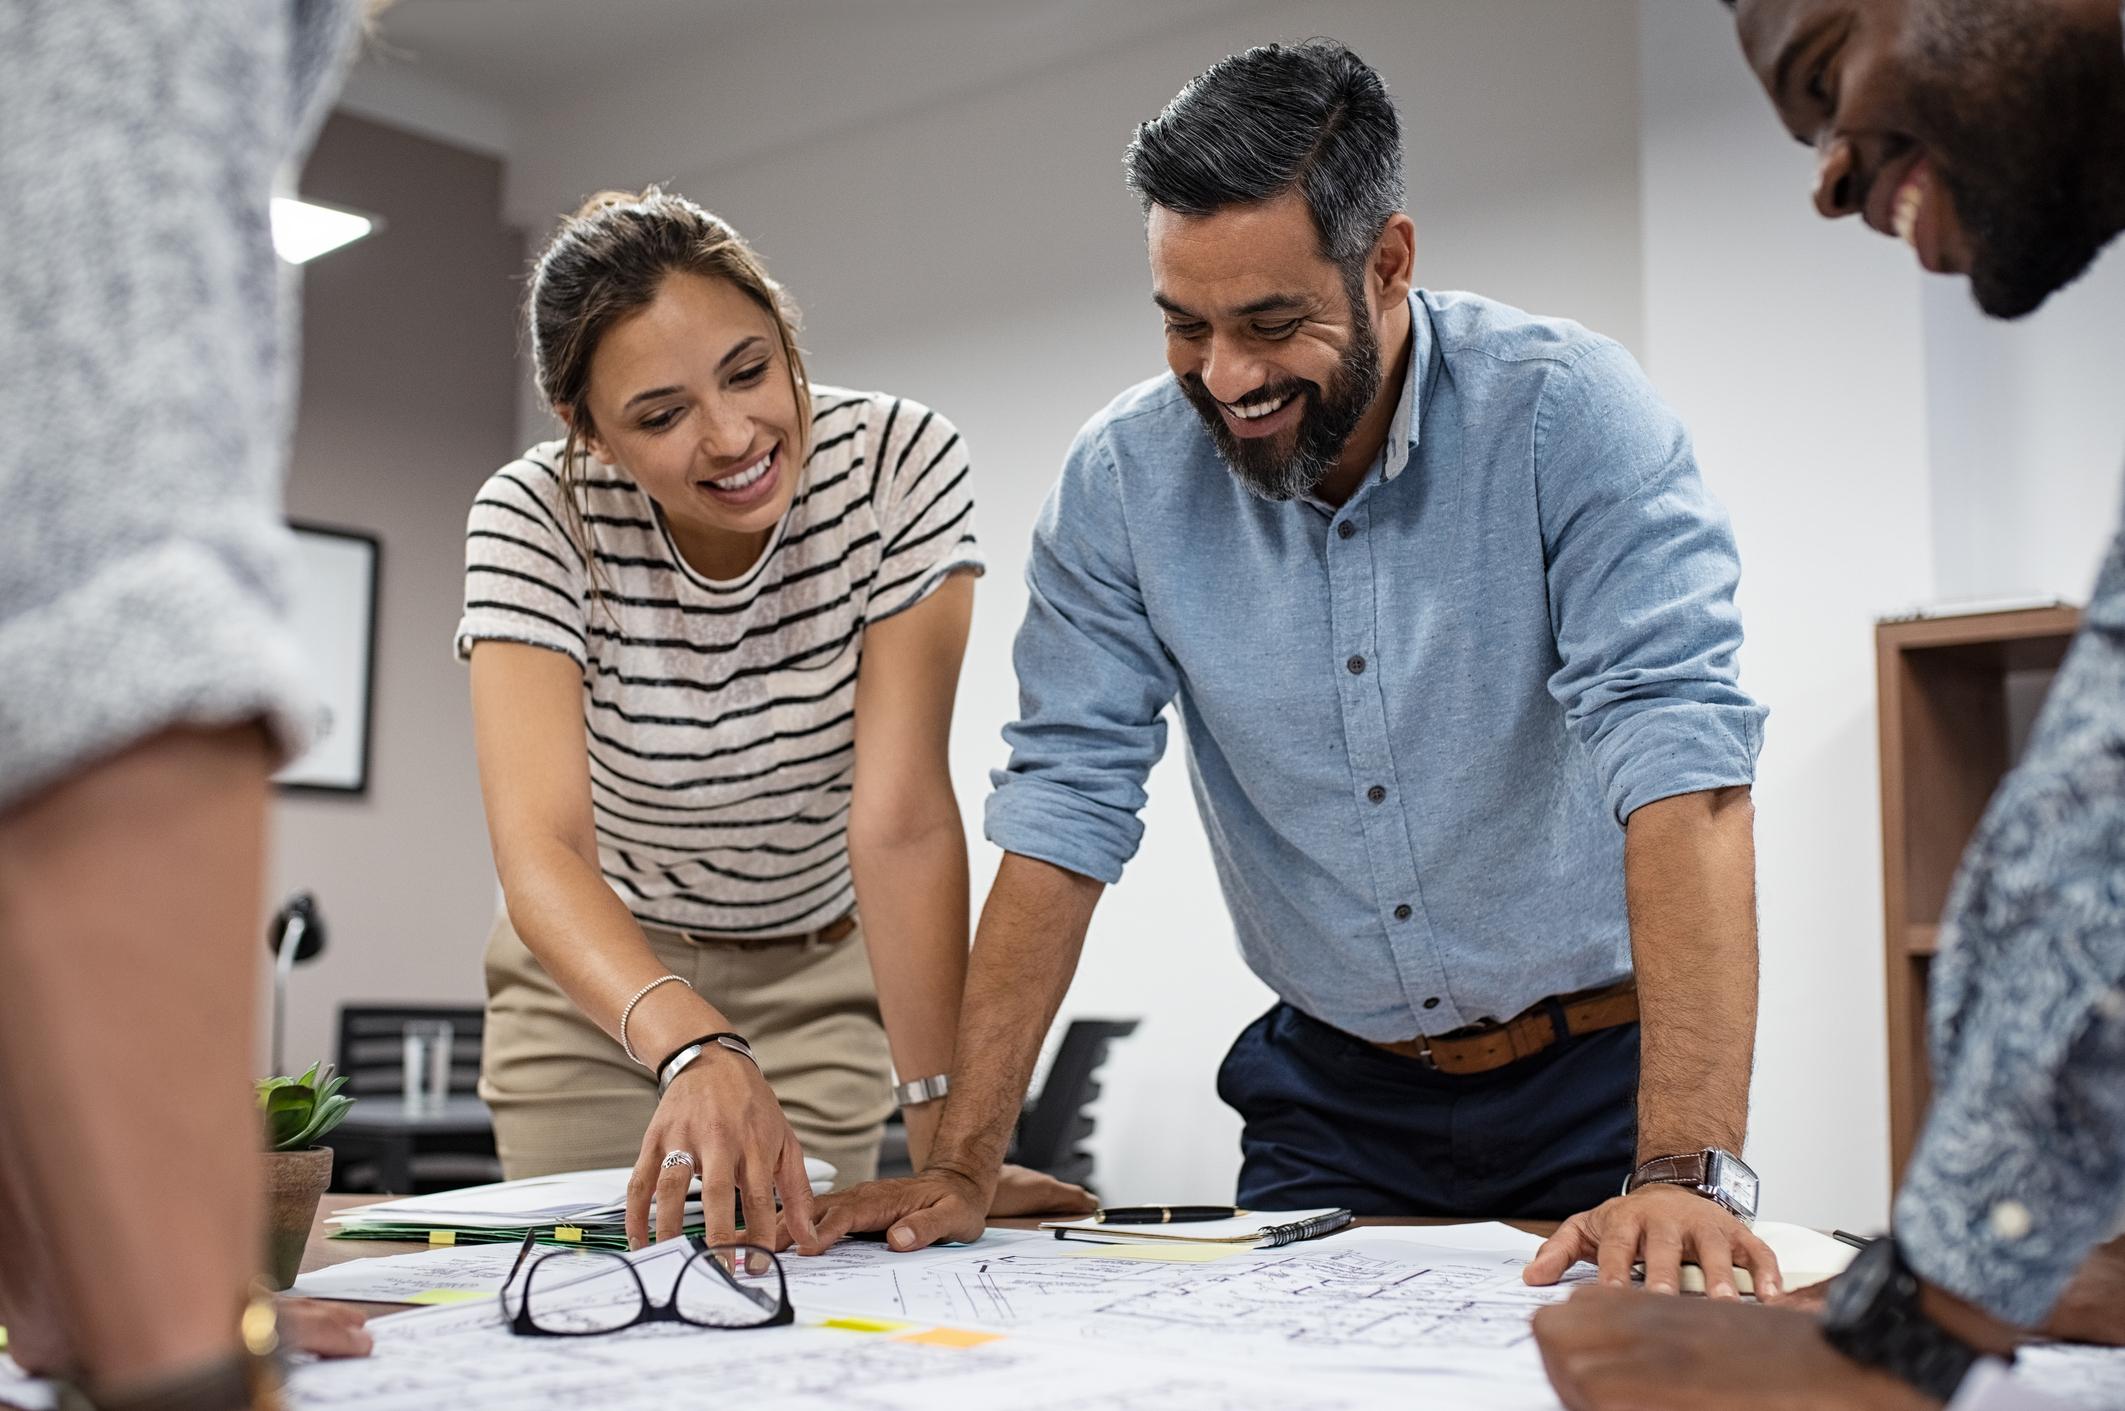 Arbeidsmarkt diversiteit architect